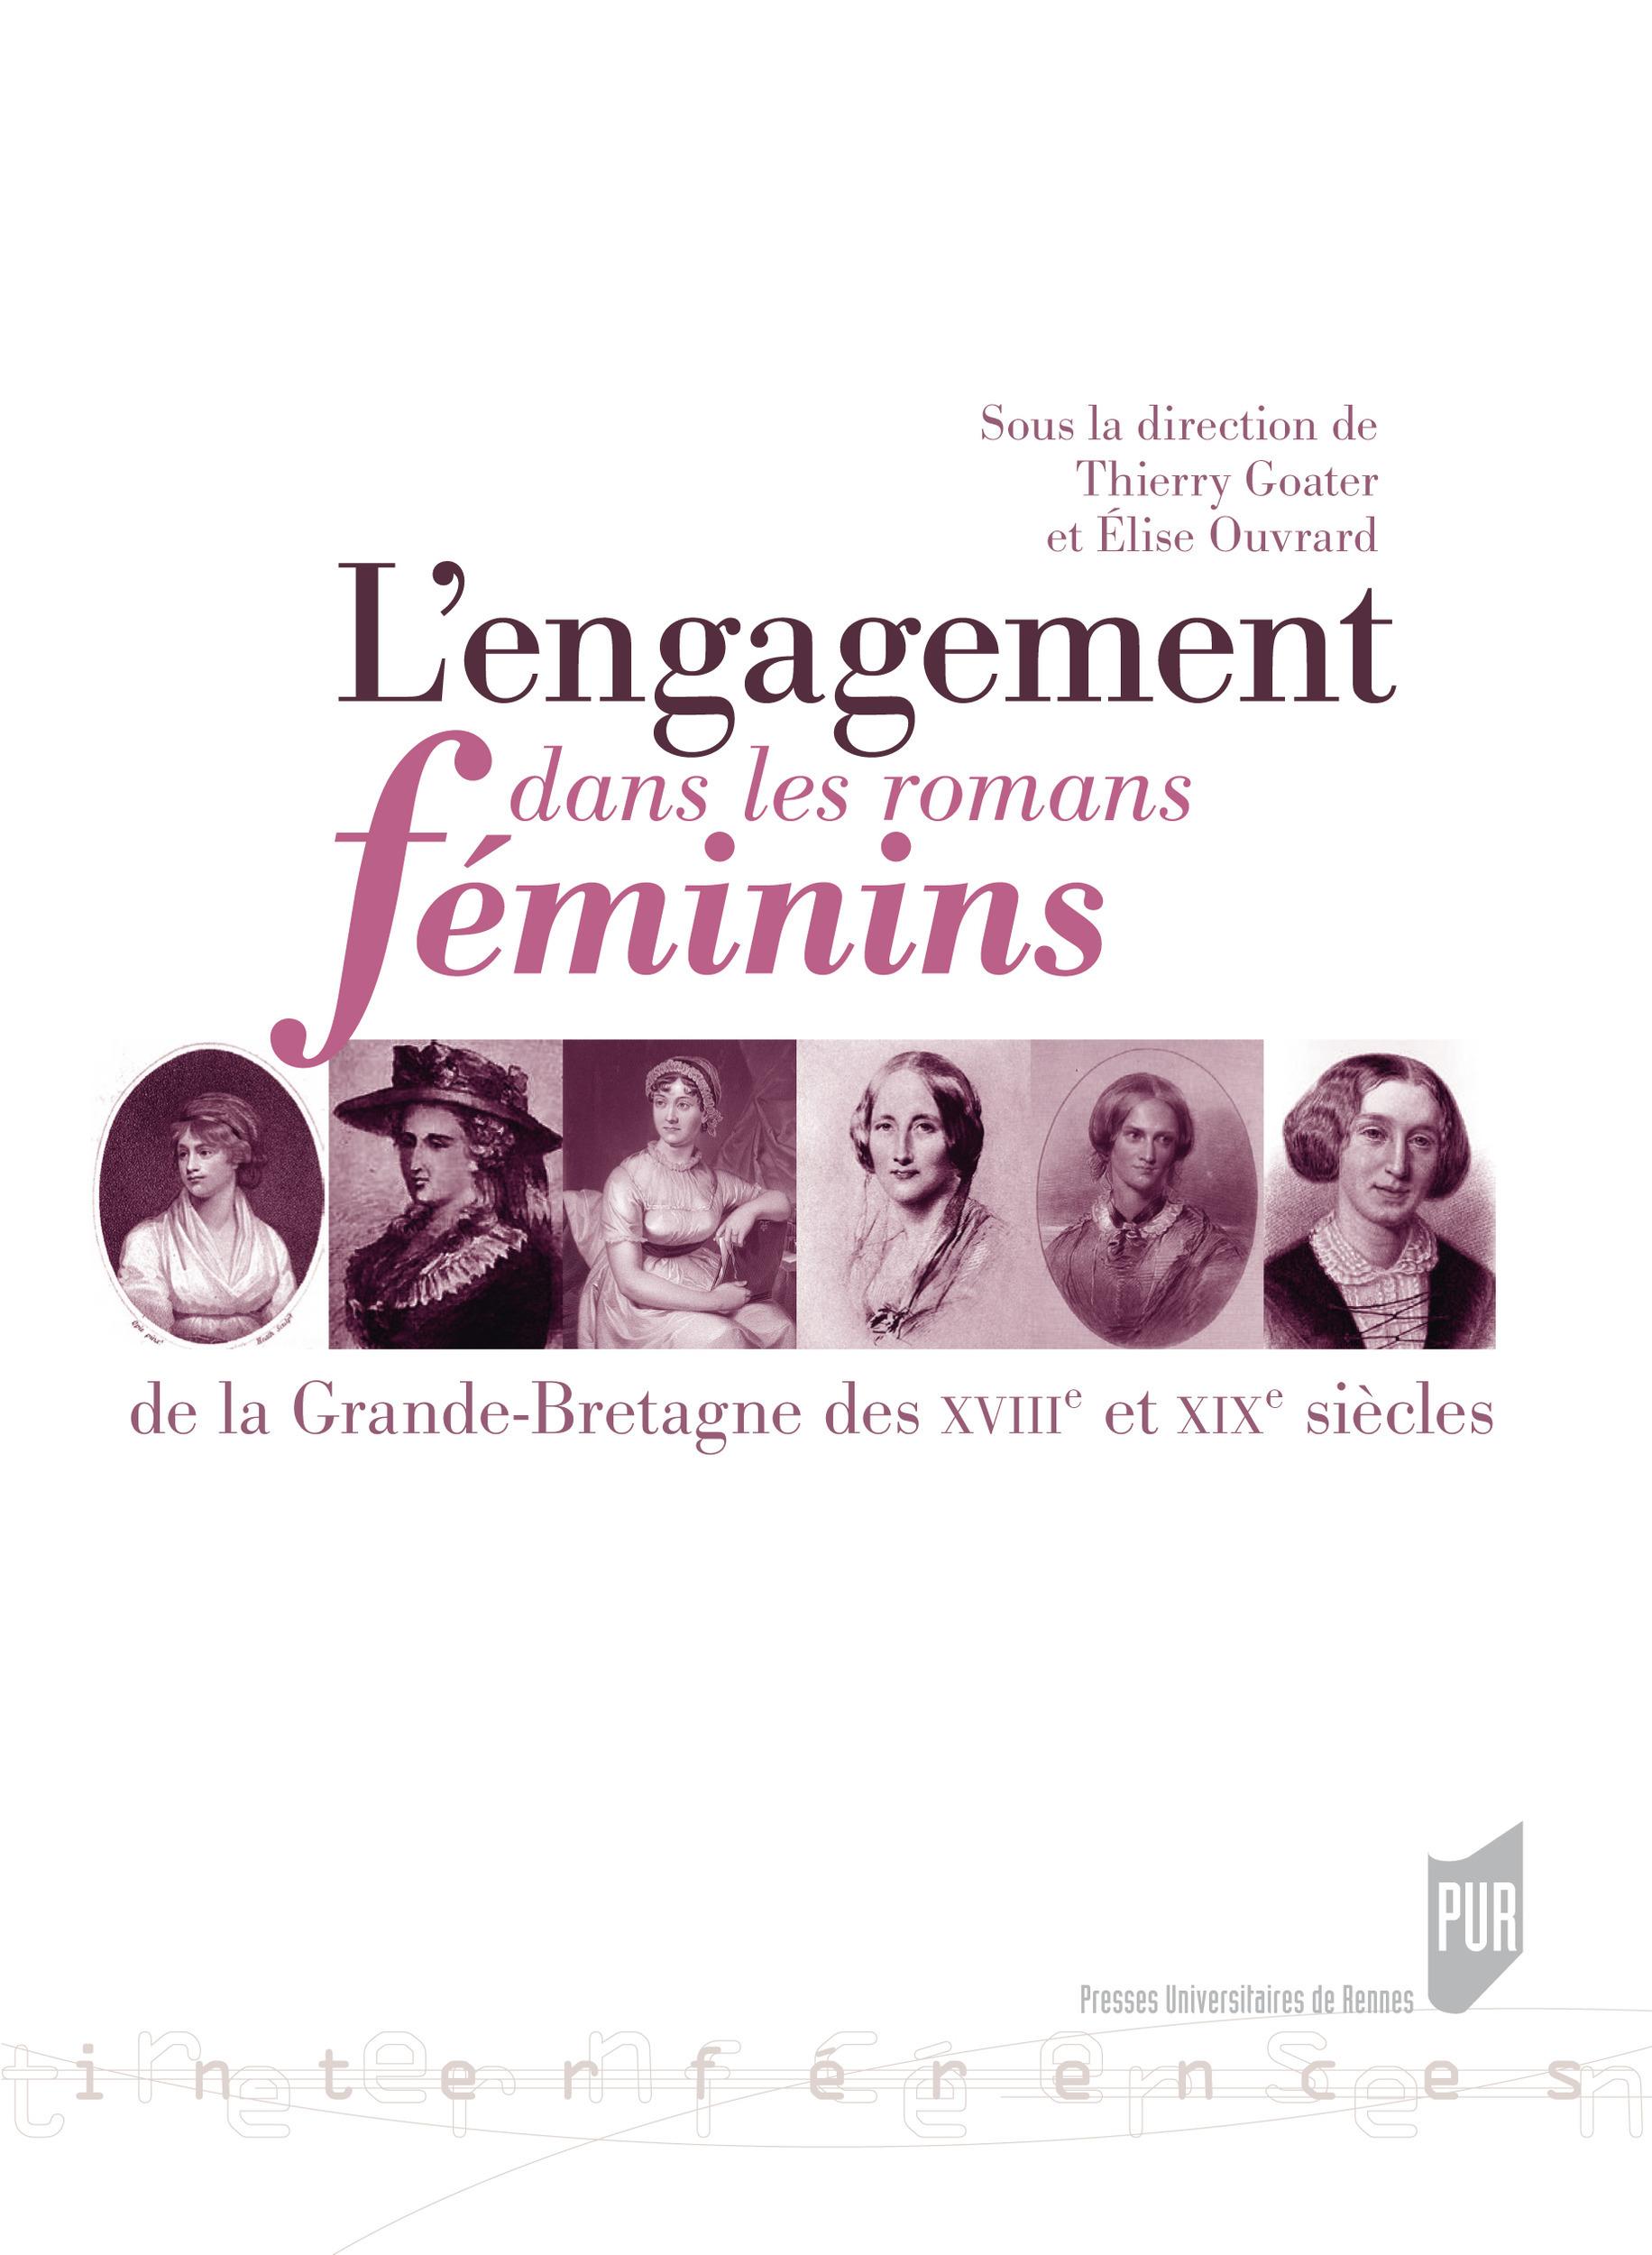 Engagement dans les romans féminins ; de la Grande-Bretagne des XVIII et XIX siècles  - Collectif  - Thierry Goater  - Élise Ouvrard